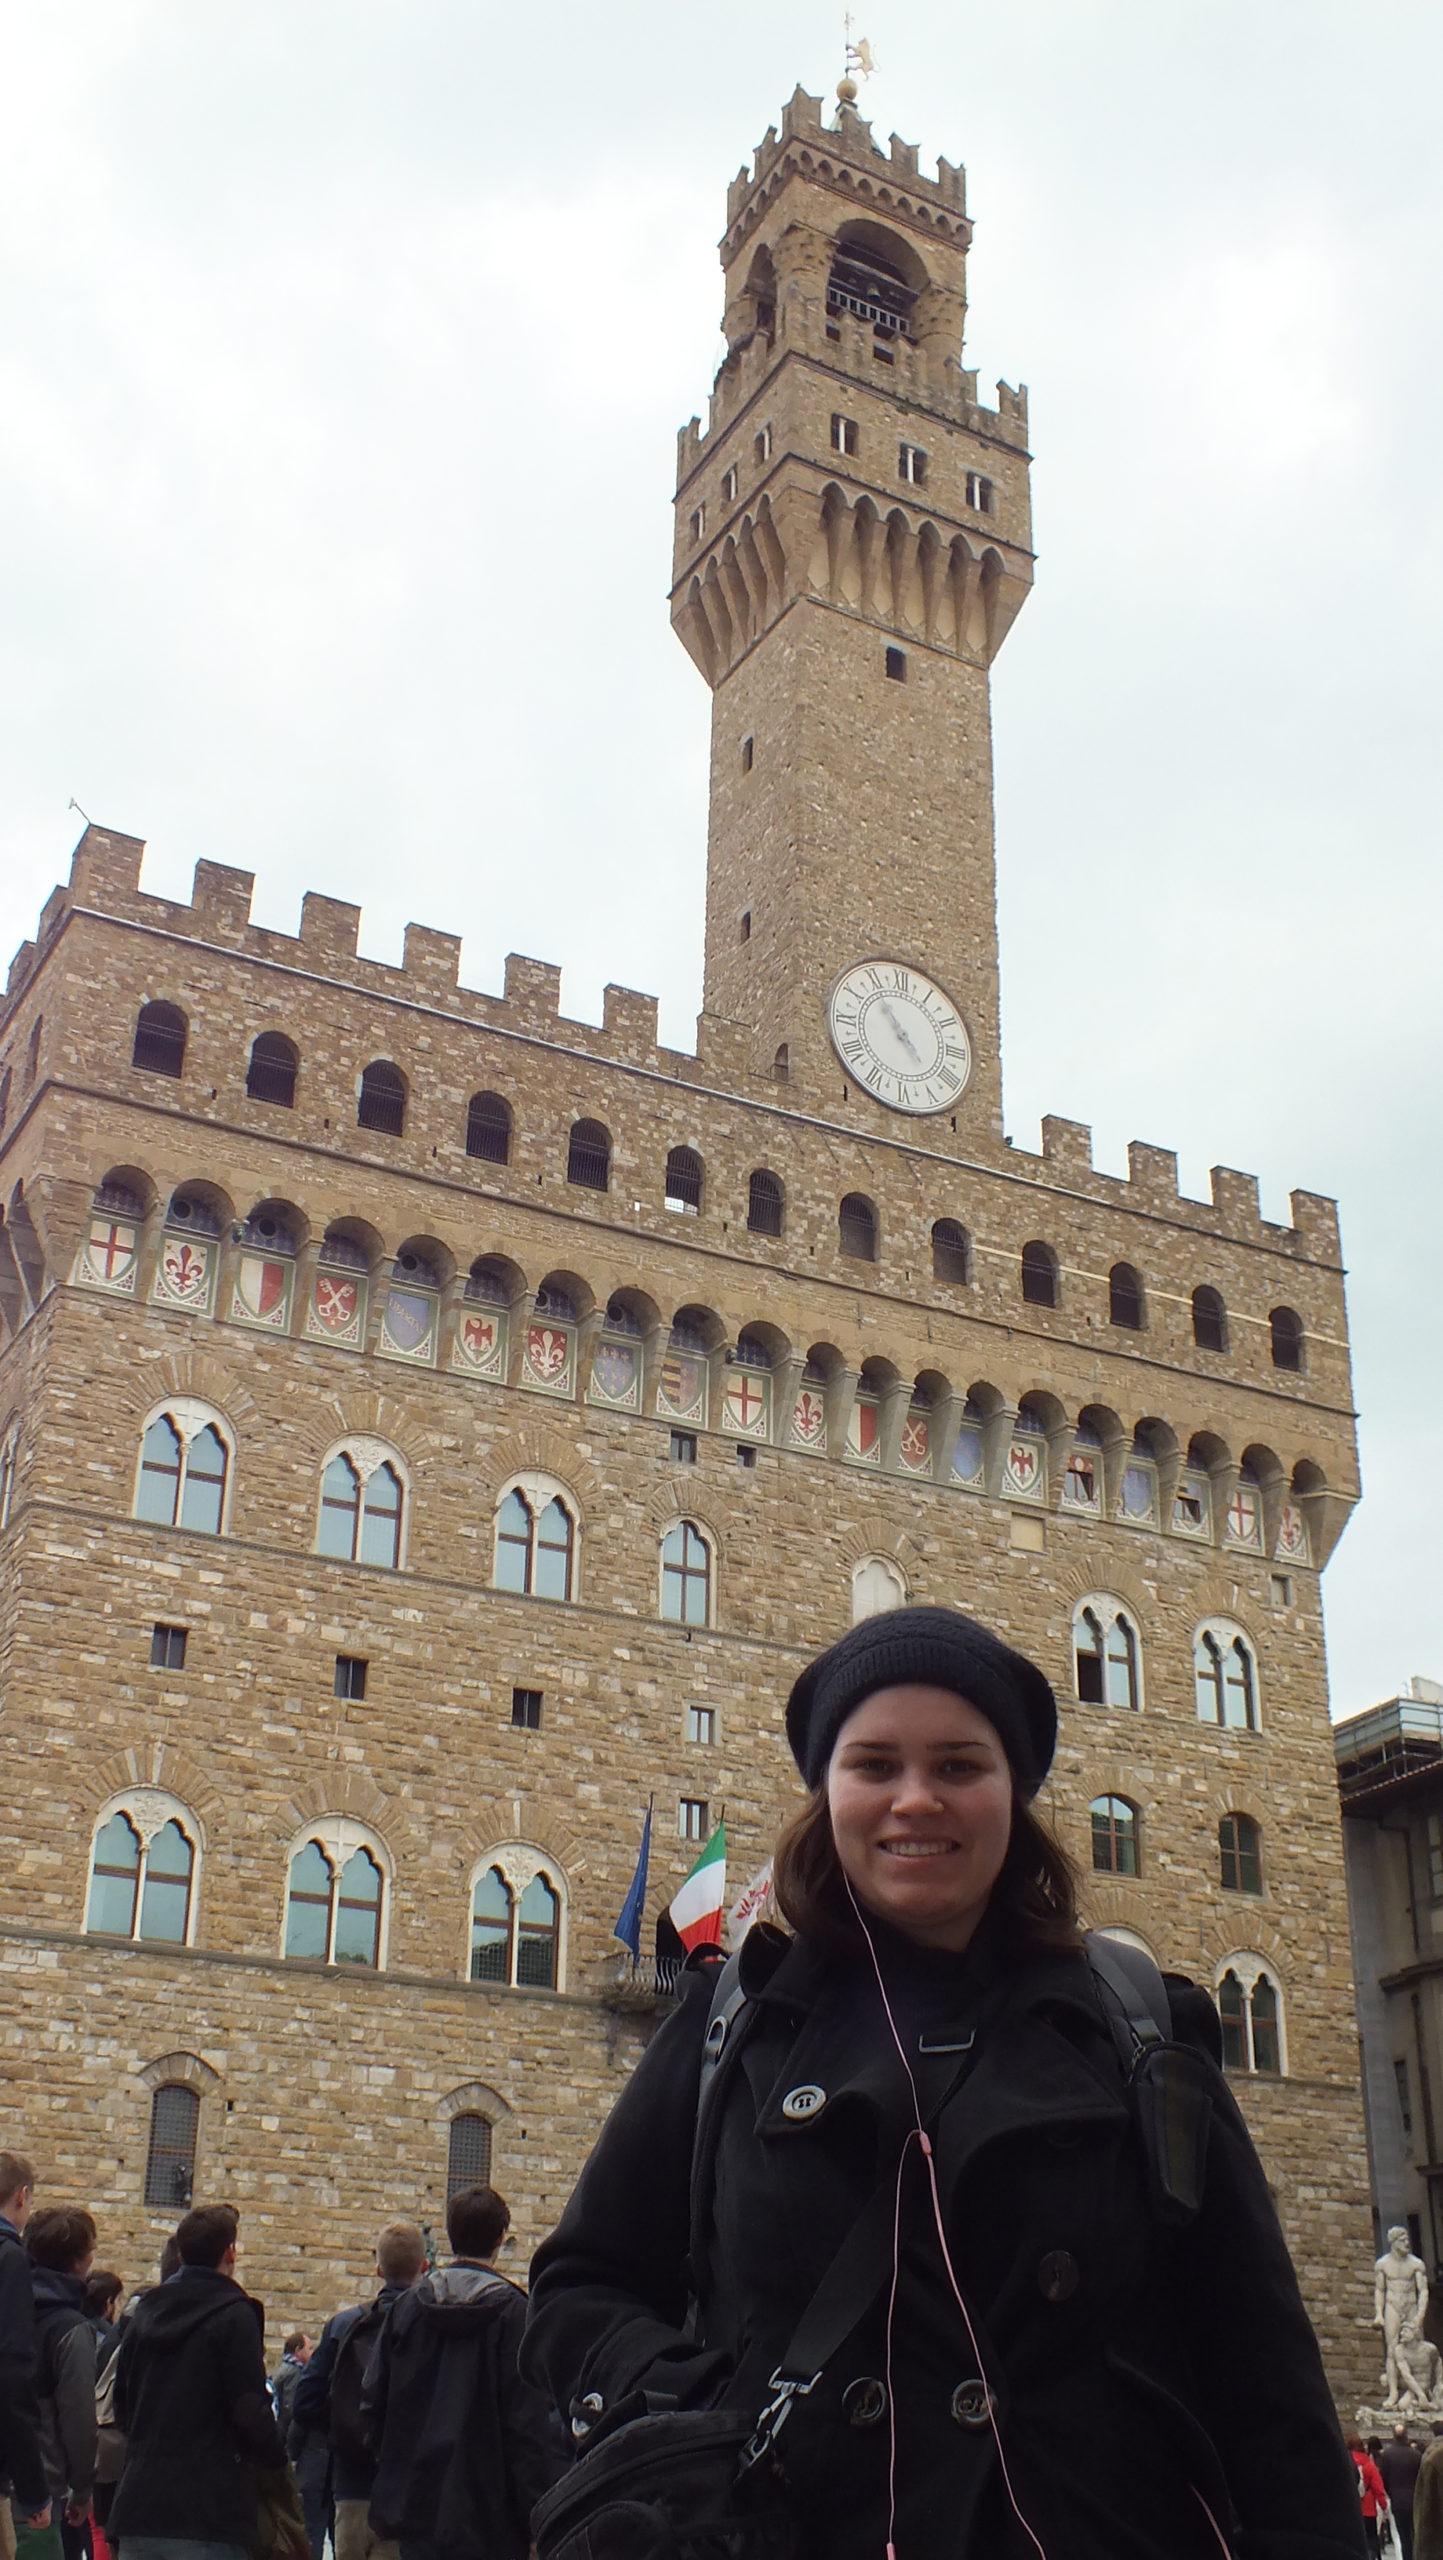 הארמון העתיק - אטרקציות בפירנצה